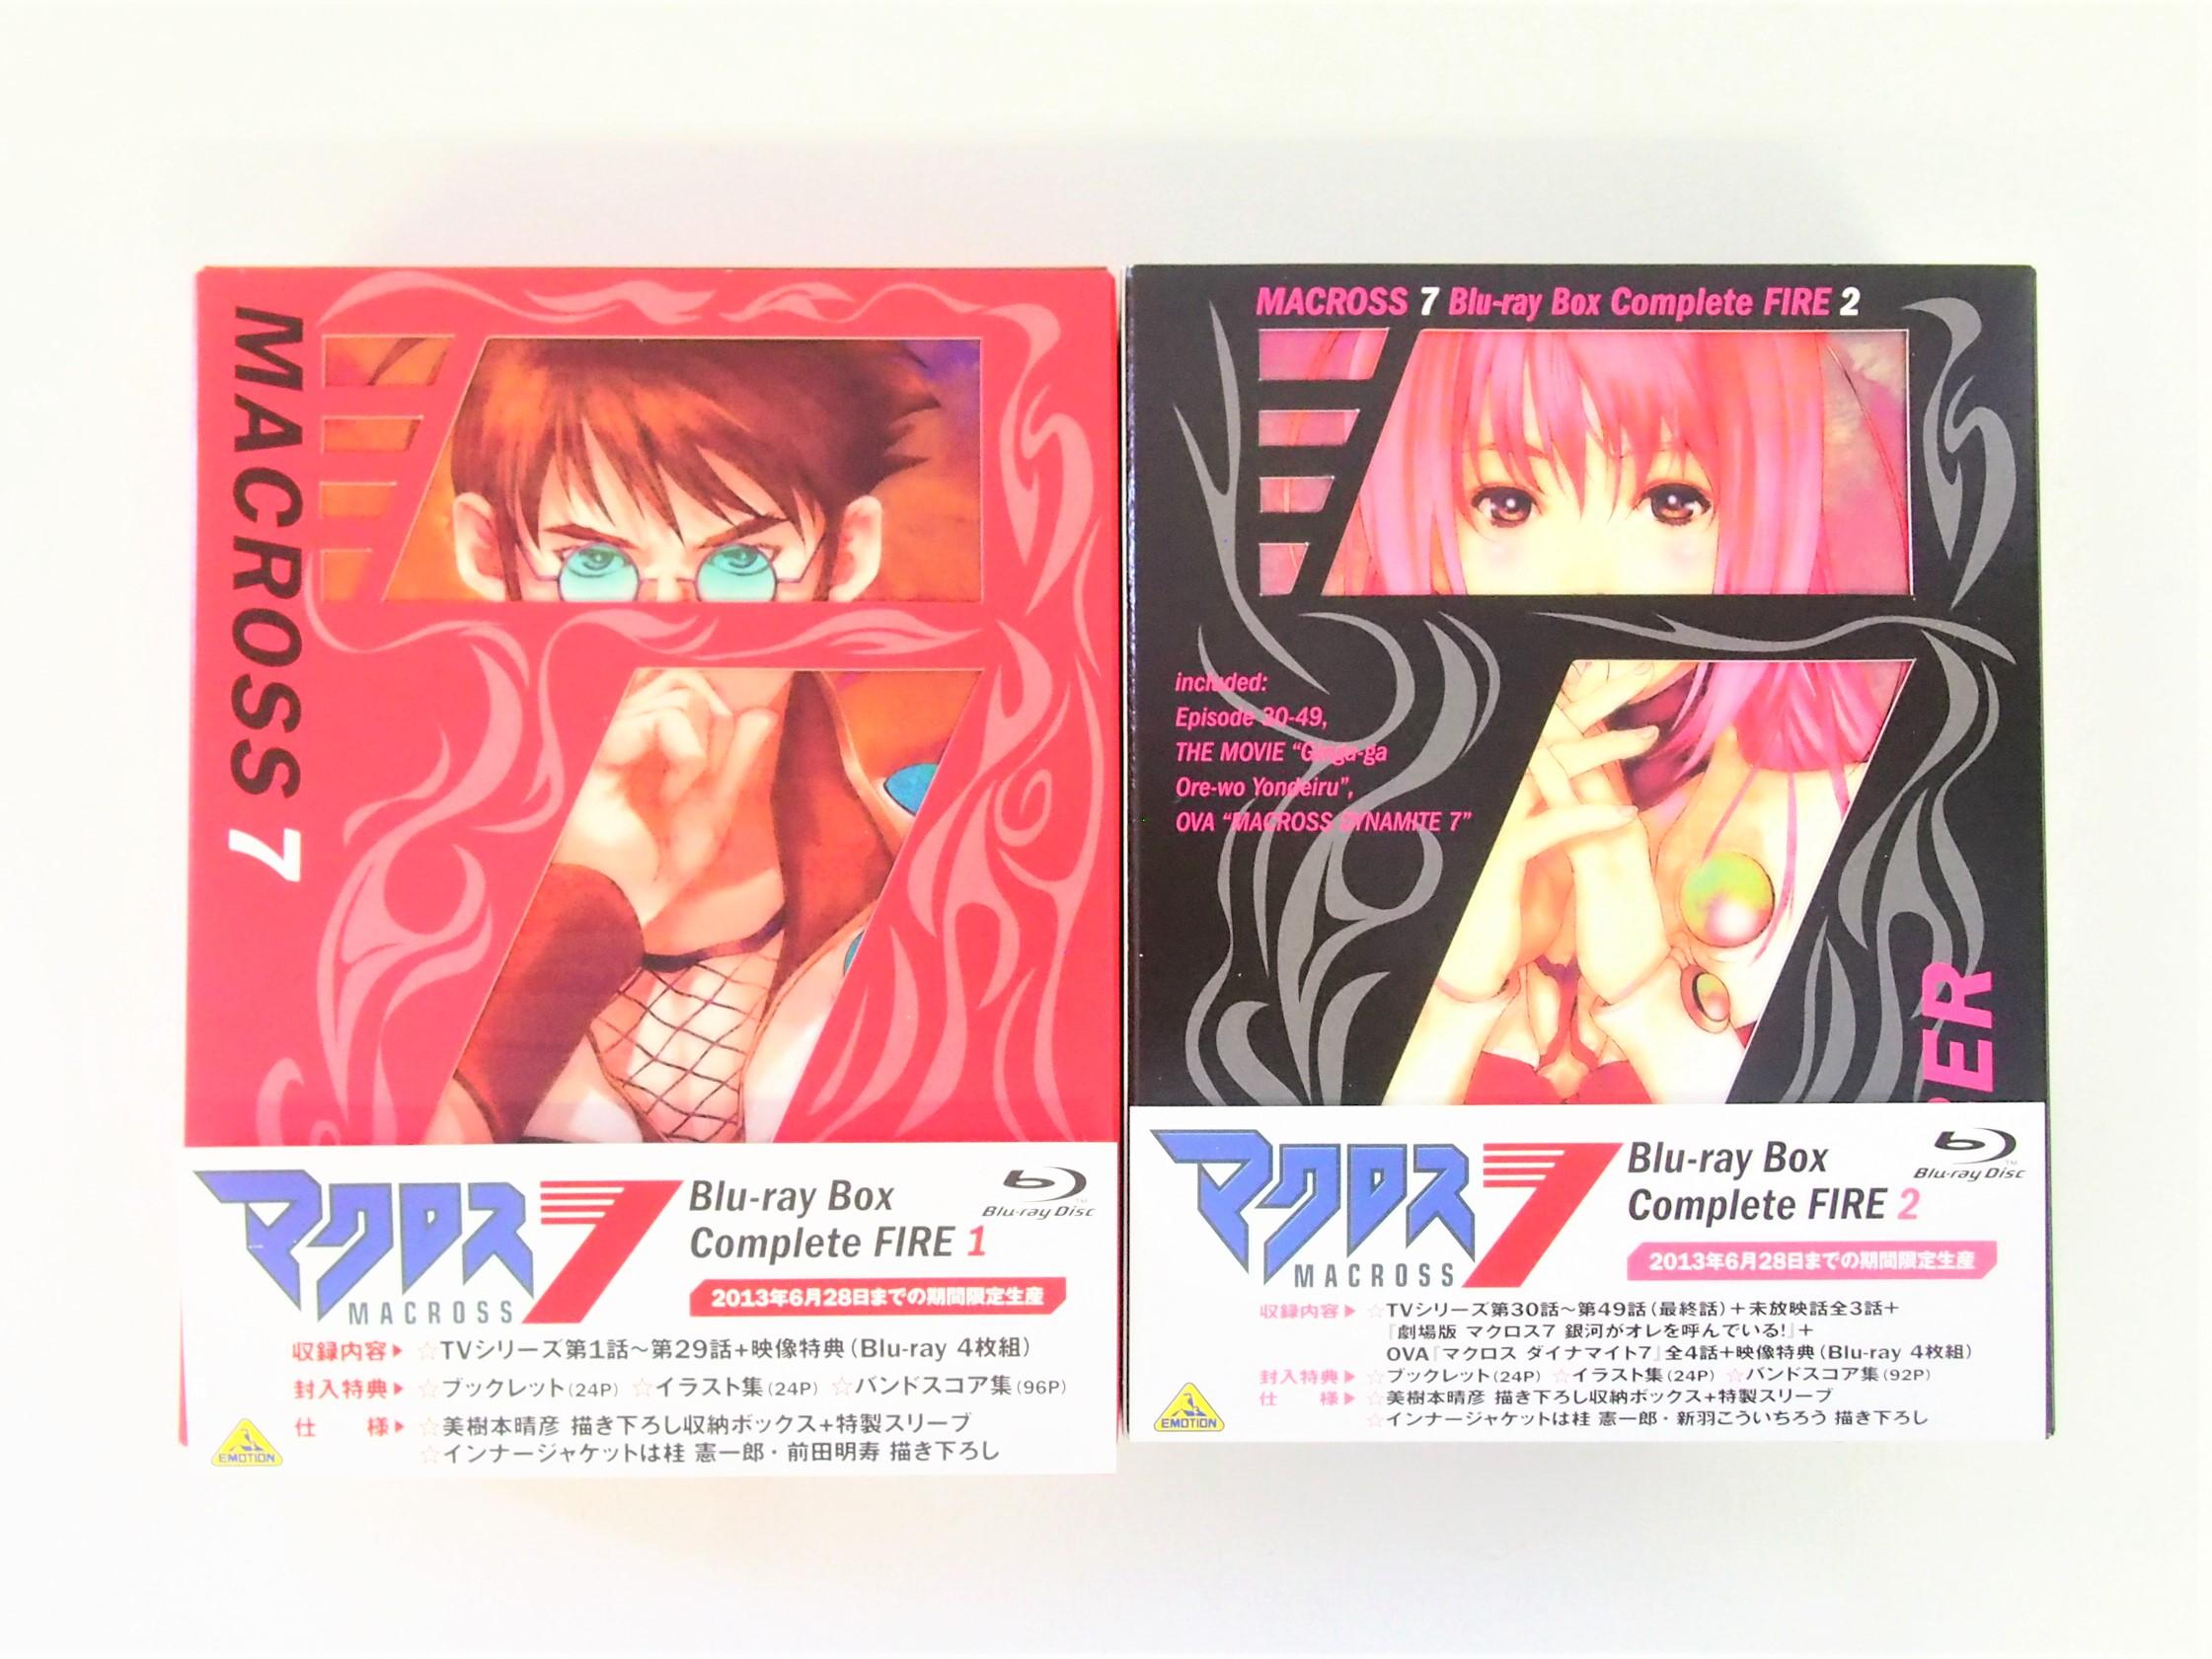 買取したマクロス7 Blu-ray Box Complete FIRE boxセットの表紙